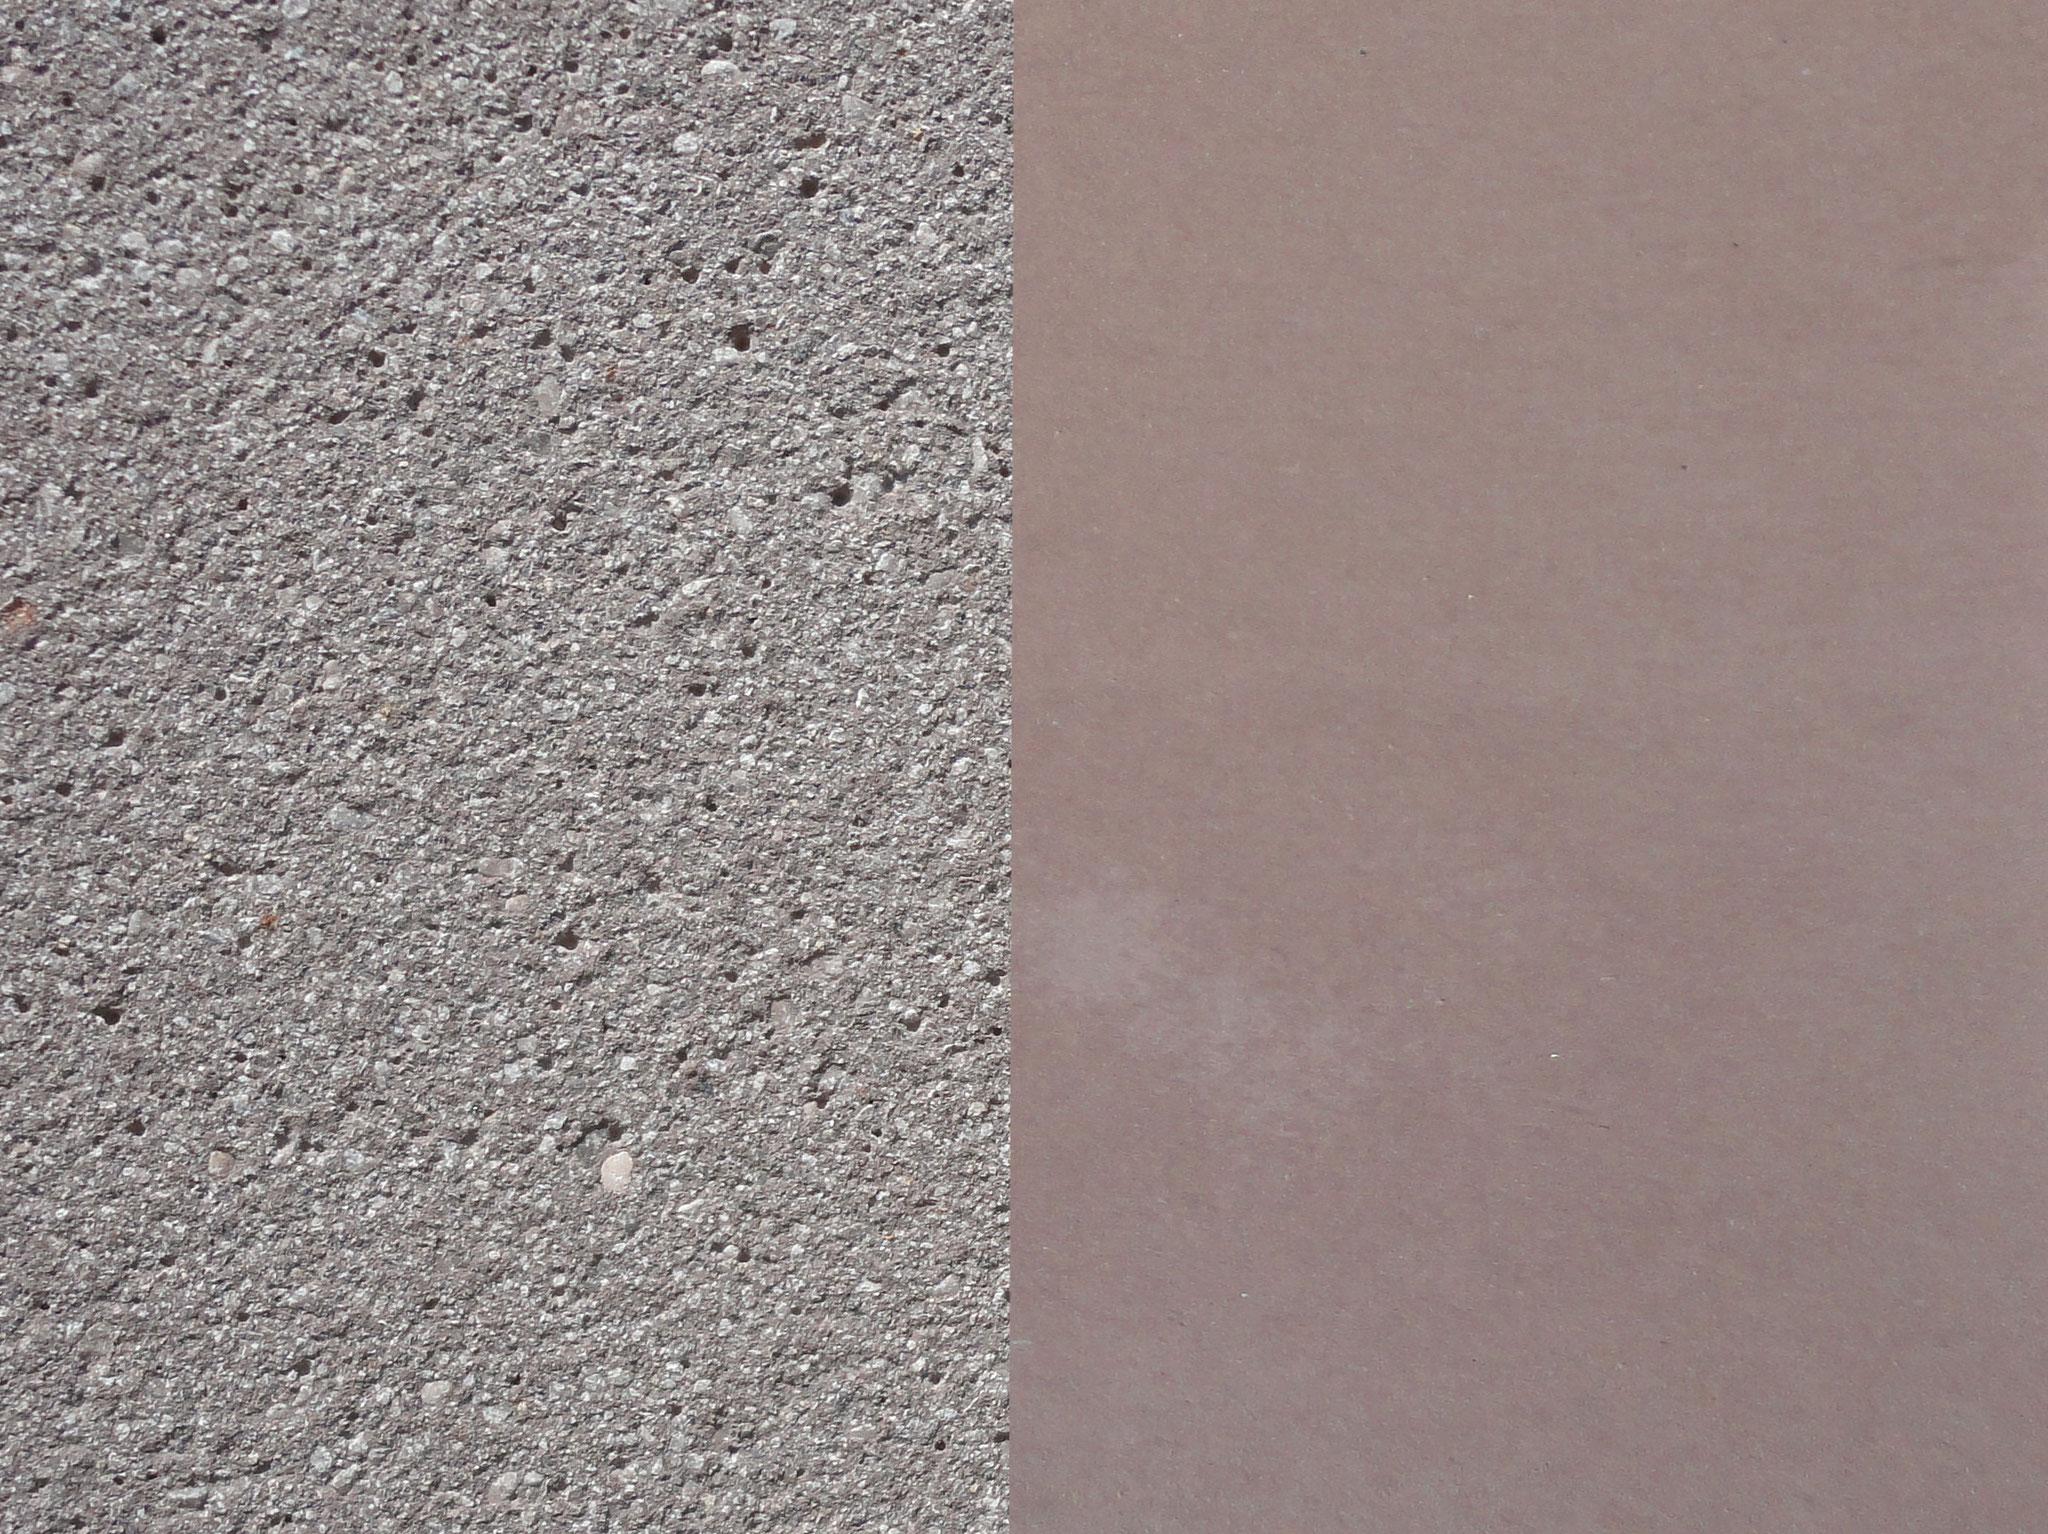 Farbe: Kaffee, Farbnummer: 12, sandgestrahlt/schalrein